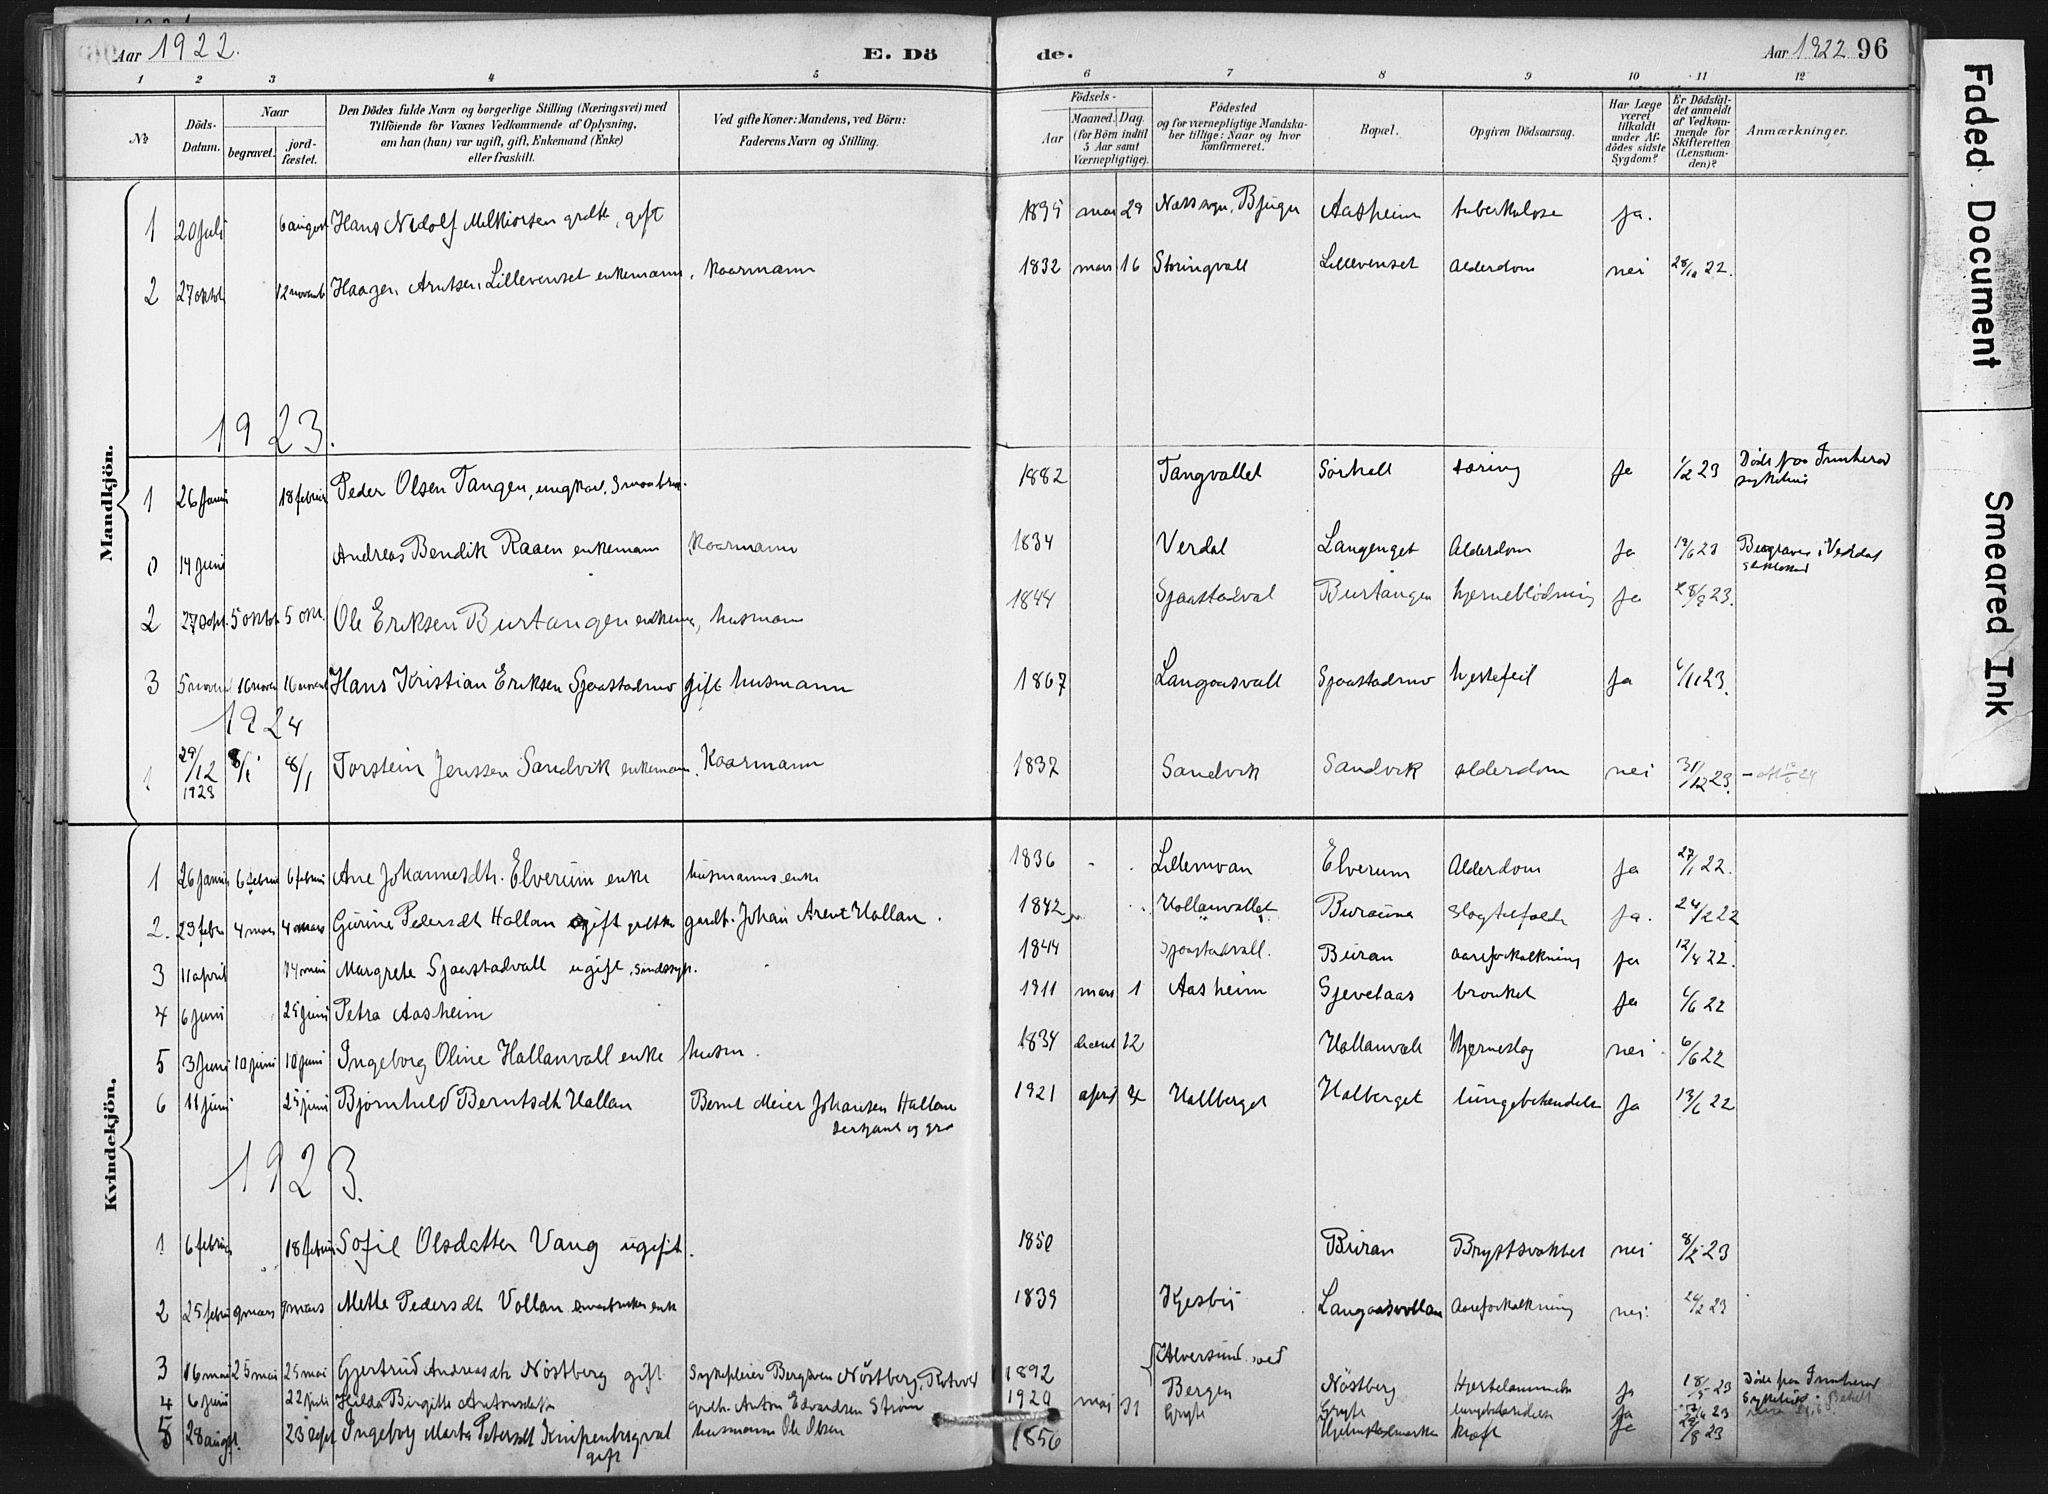 SAT, Ministerialprotokoller, klokkerbøker og fødselsregistre - Nord-Trøndelag, 718/L0175: Ministerialbok nr. 718A01, 1890-1923, s. 96